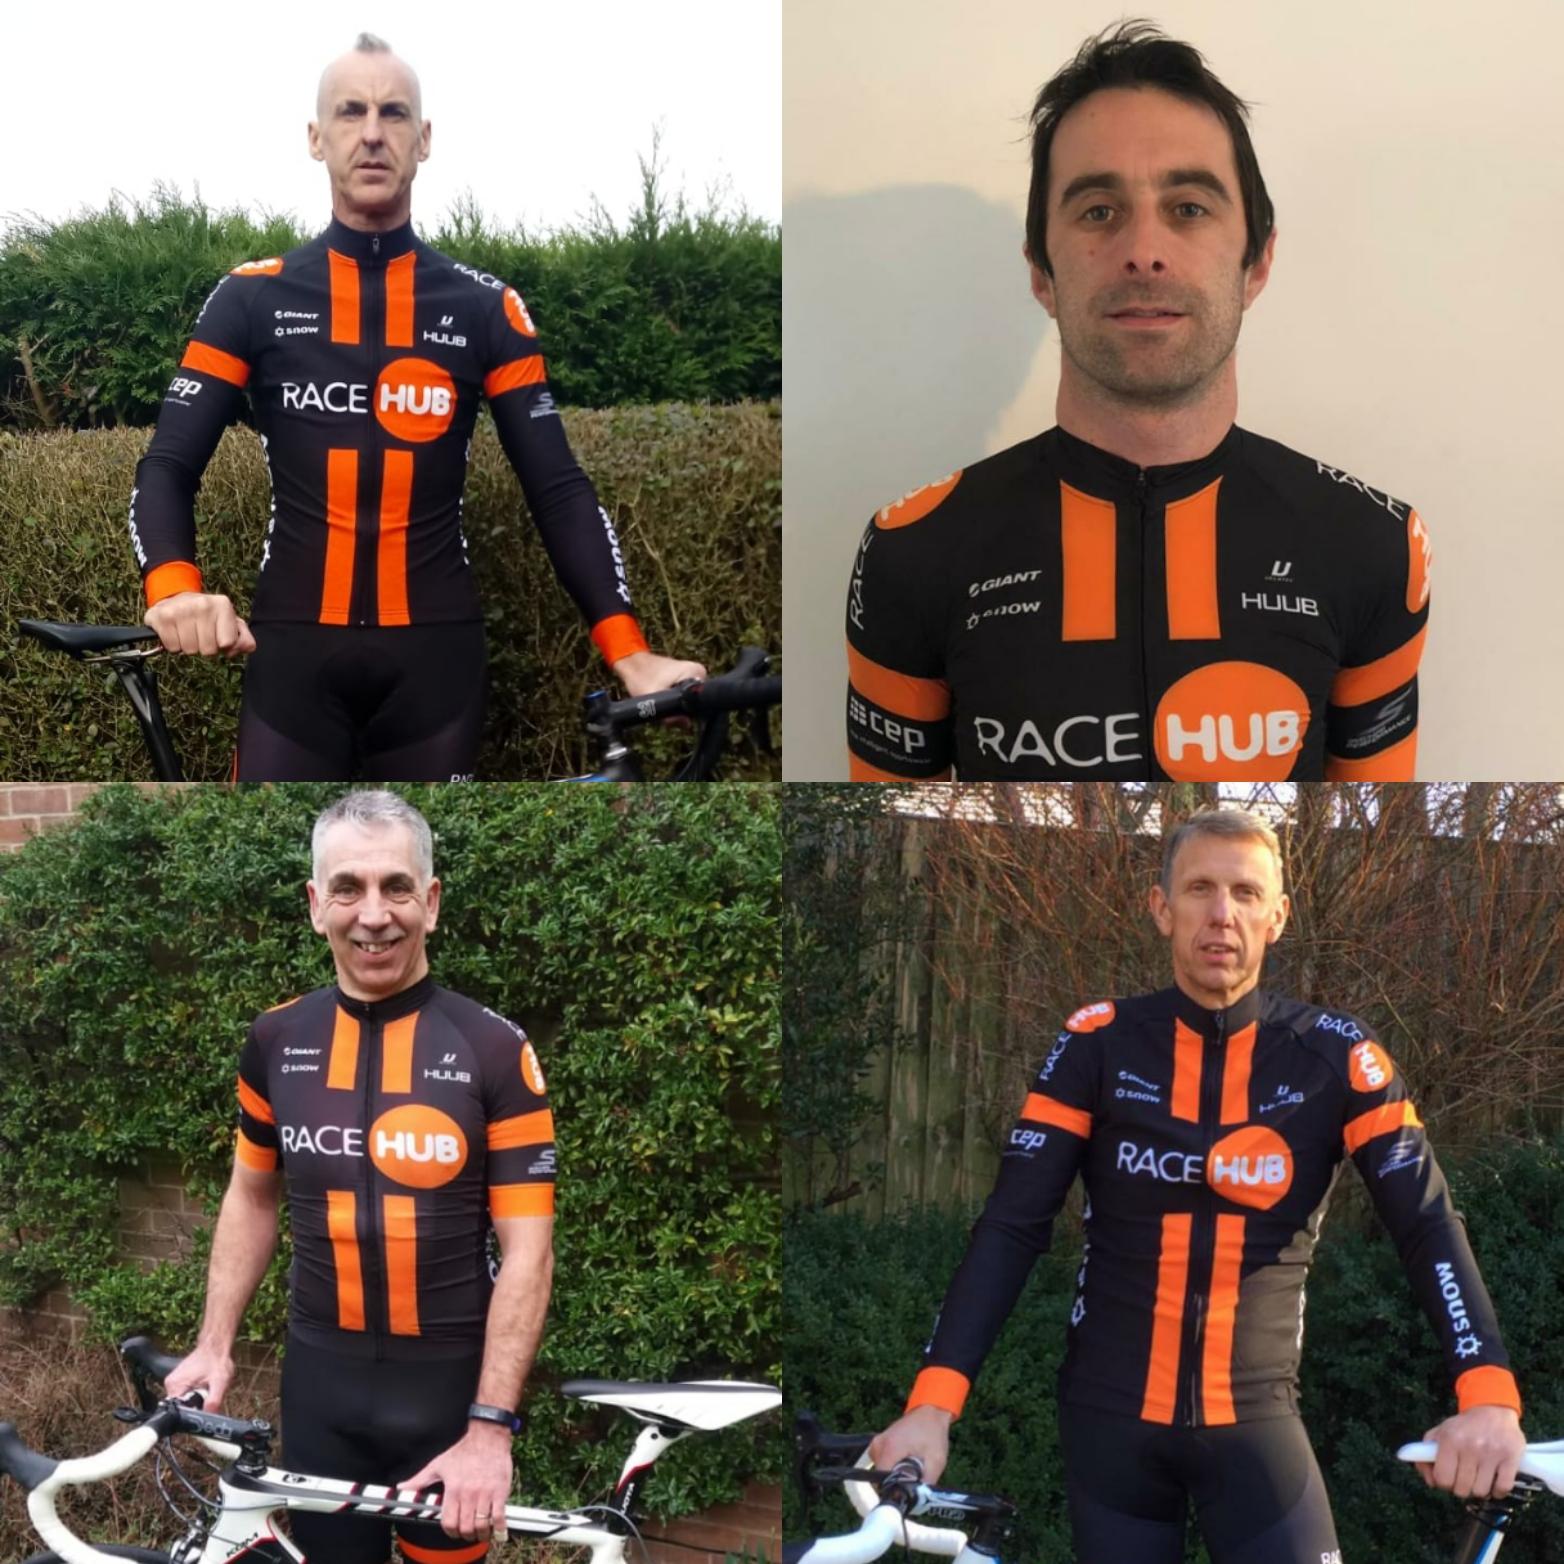 Velo99 Race Team